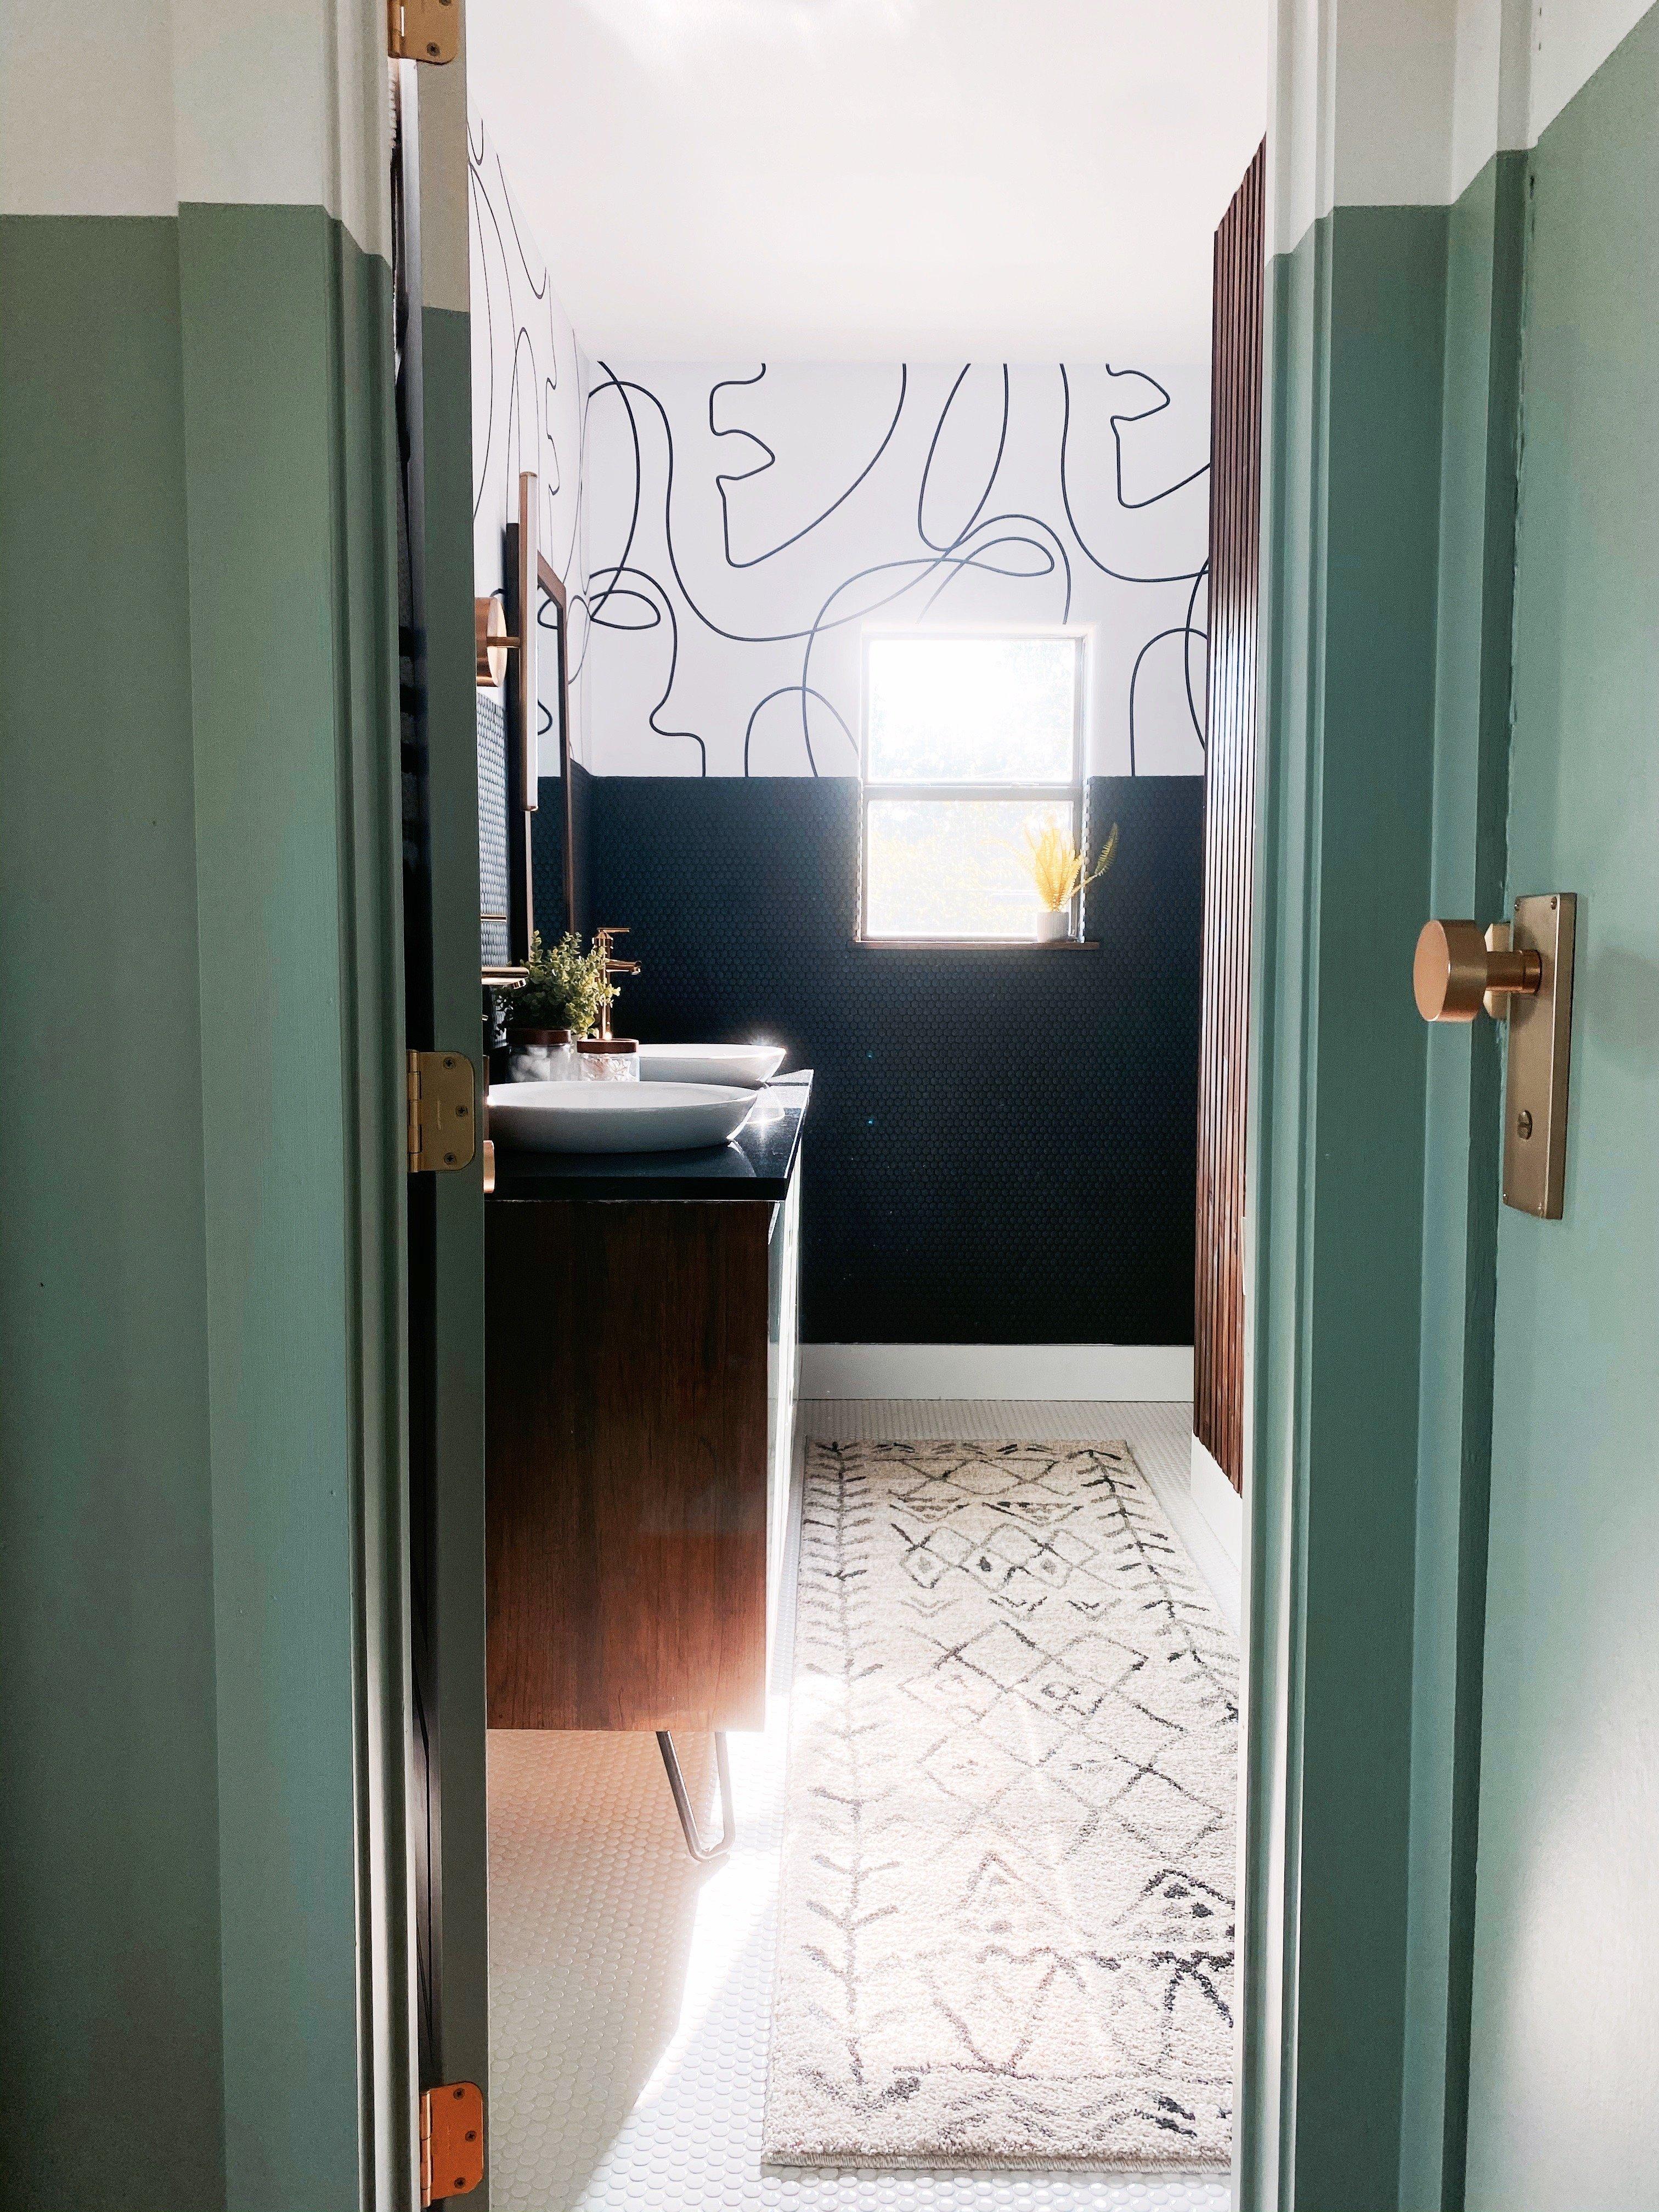 Patterned Bathroom Rug Ideas